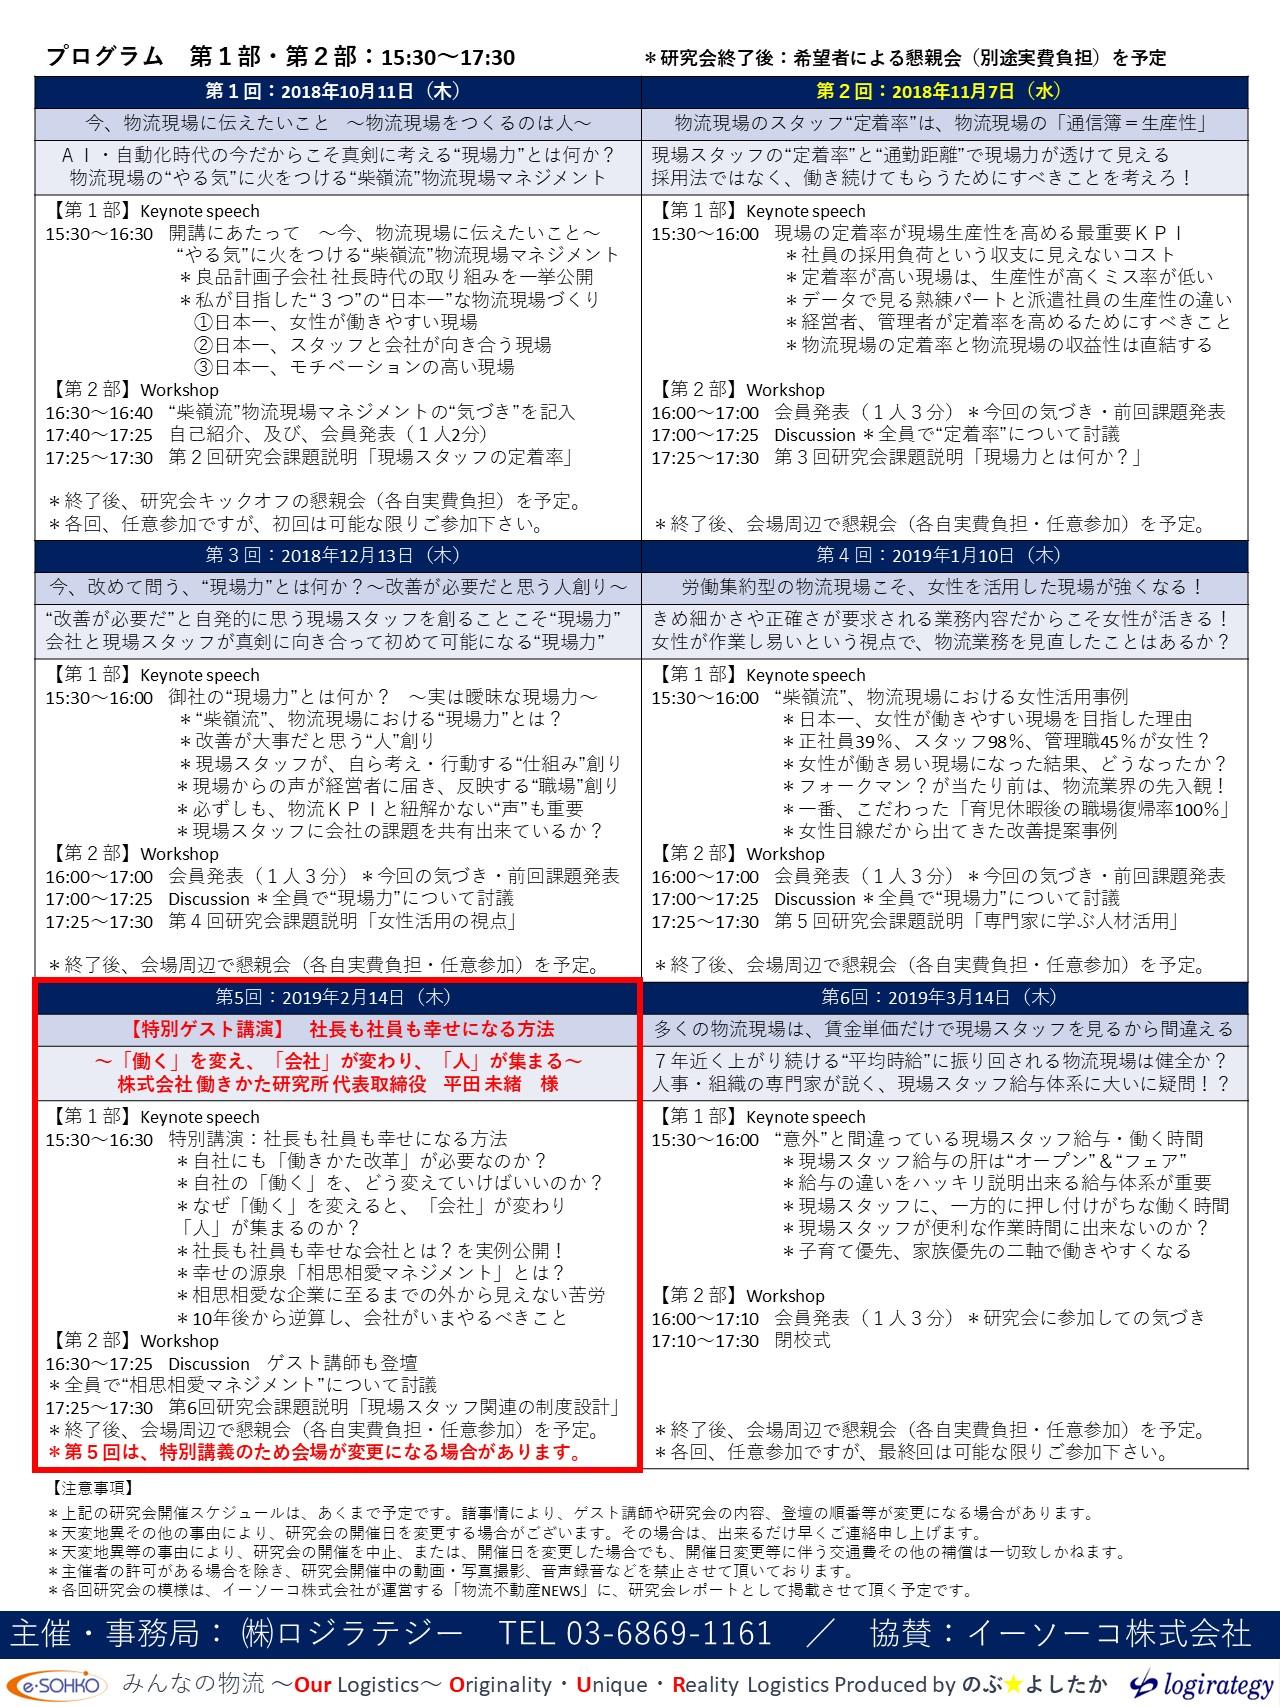 http://logirategy.co.jp/Logistics_Labour_Management_02.jpg